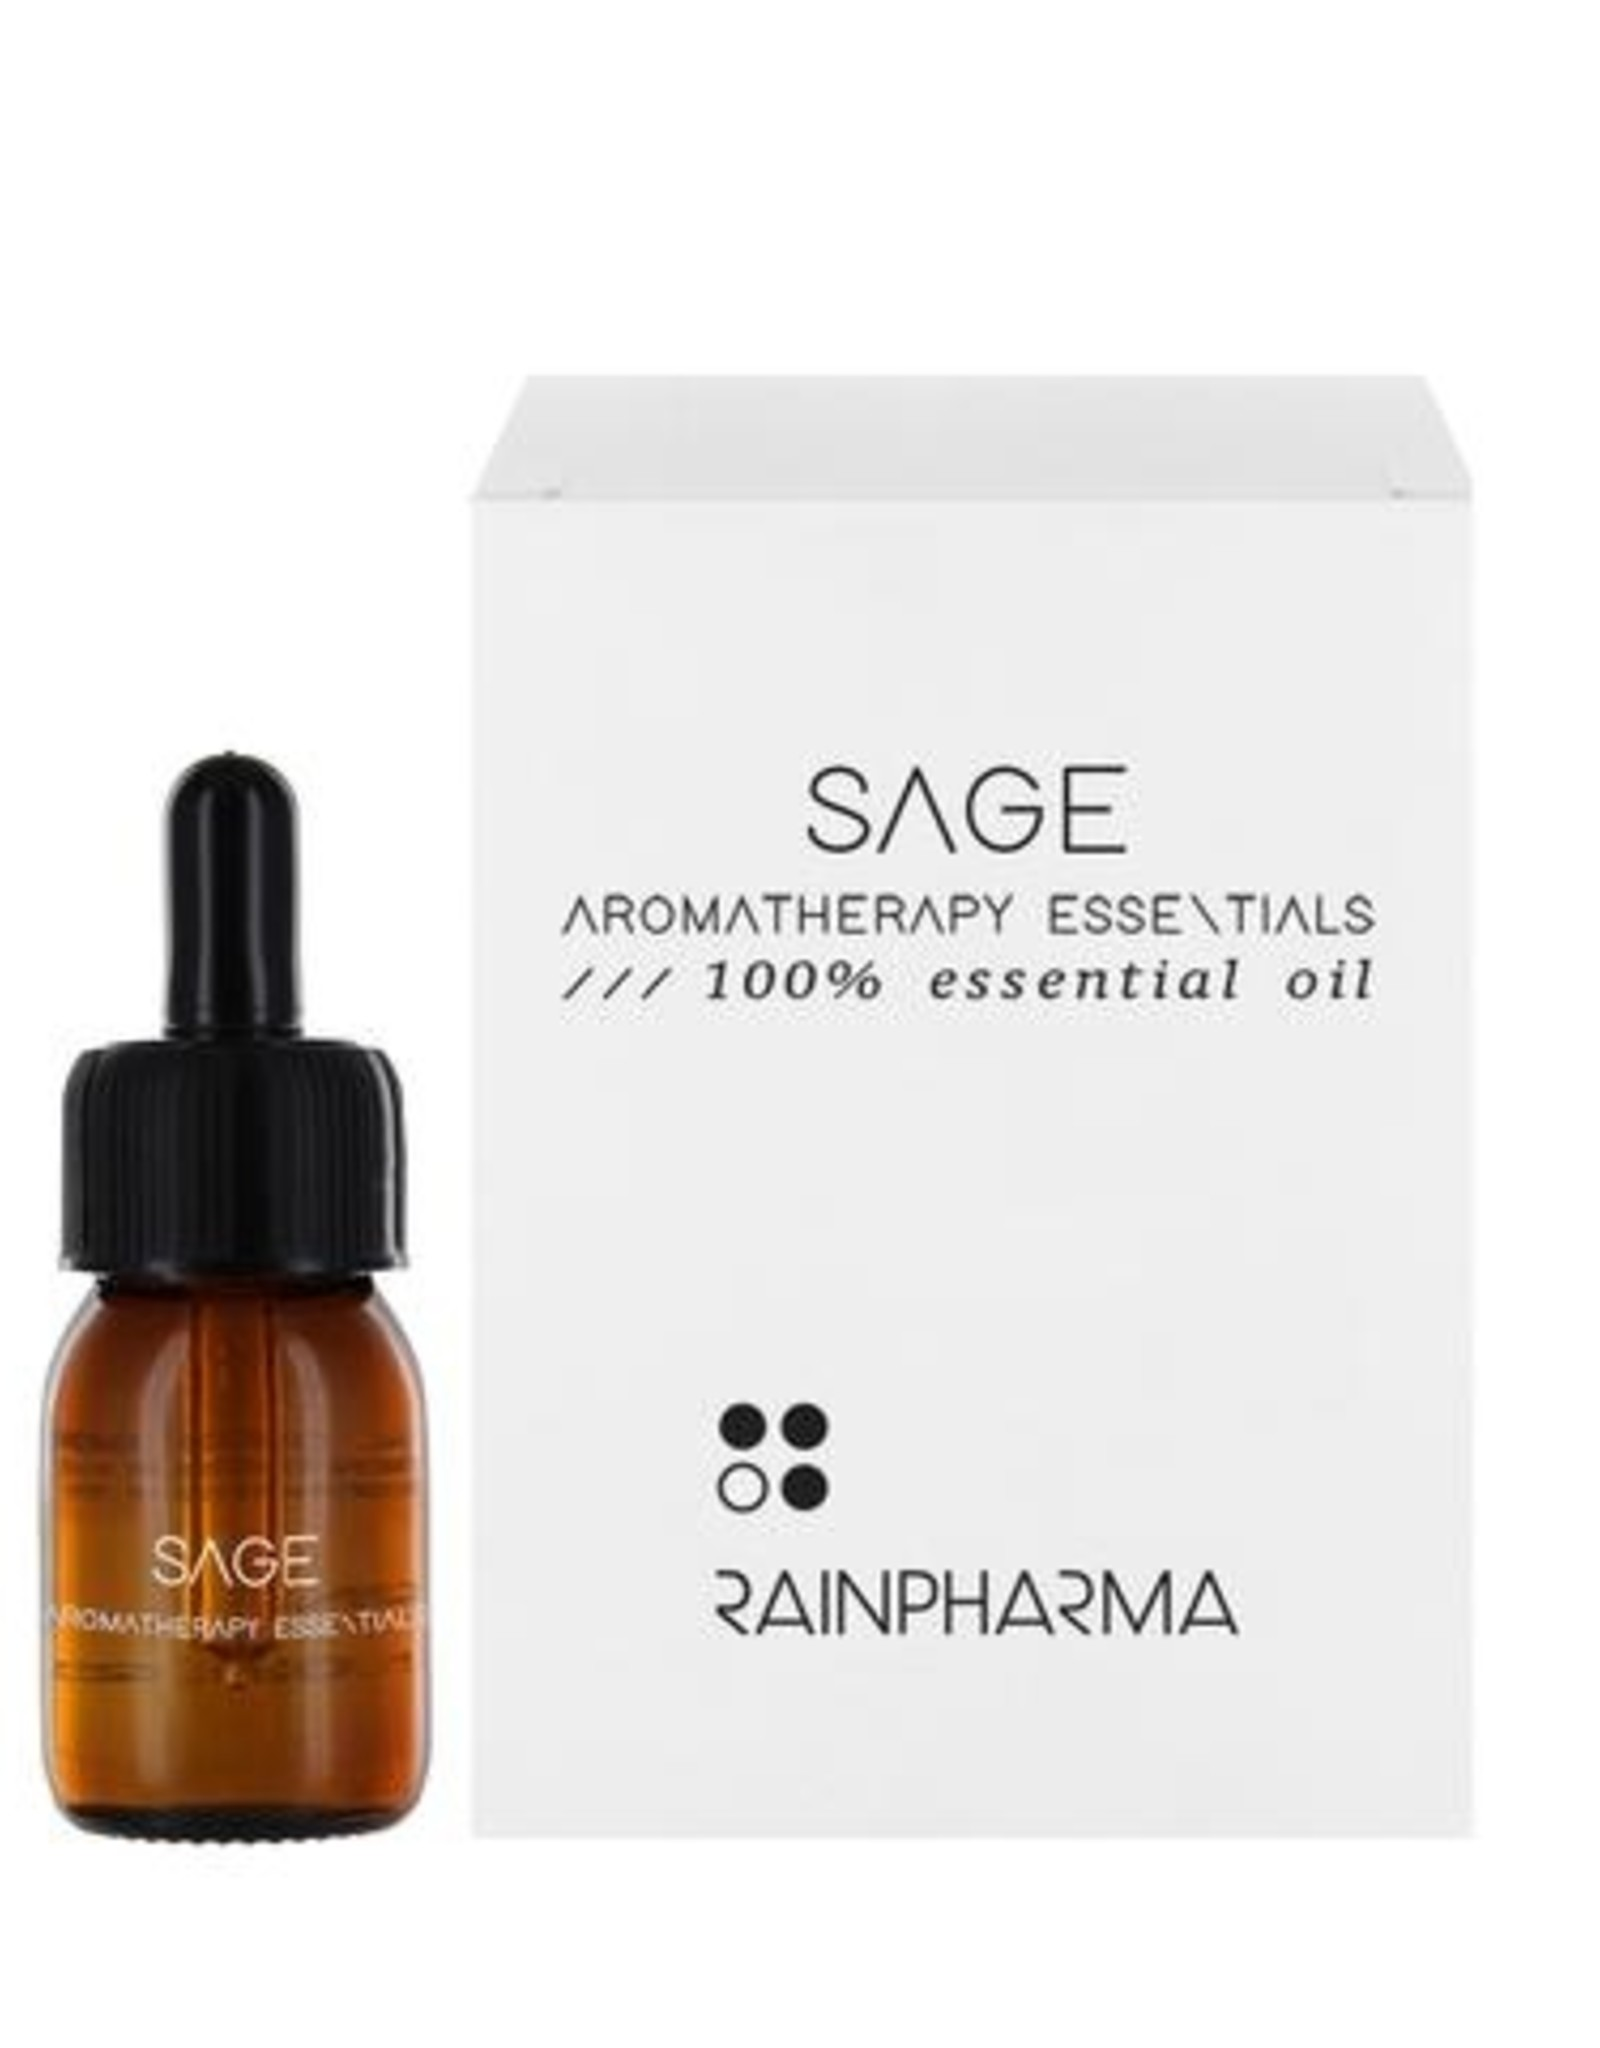 RainPharma Rainpharma - Essential Oil Sage 30ml